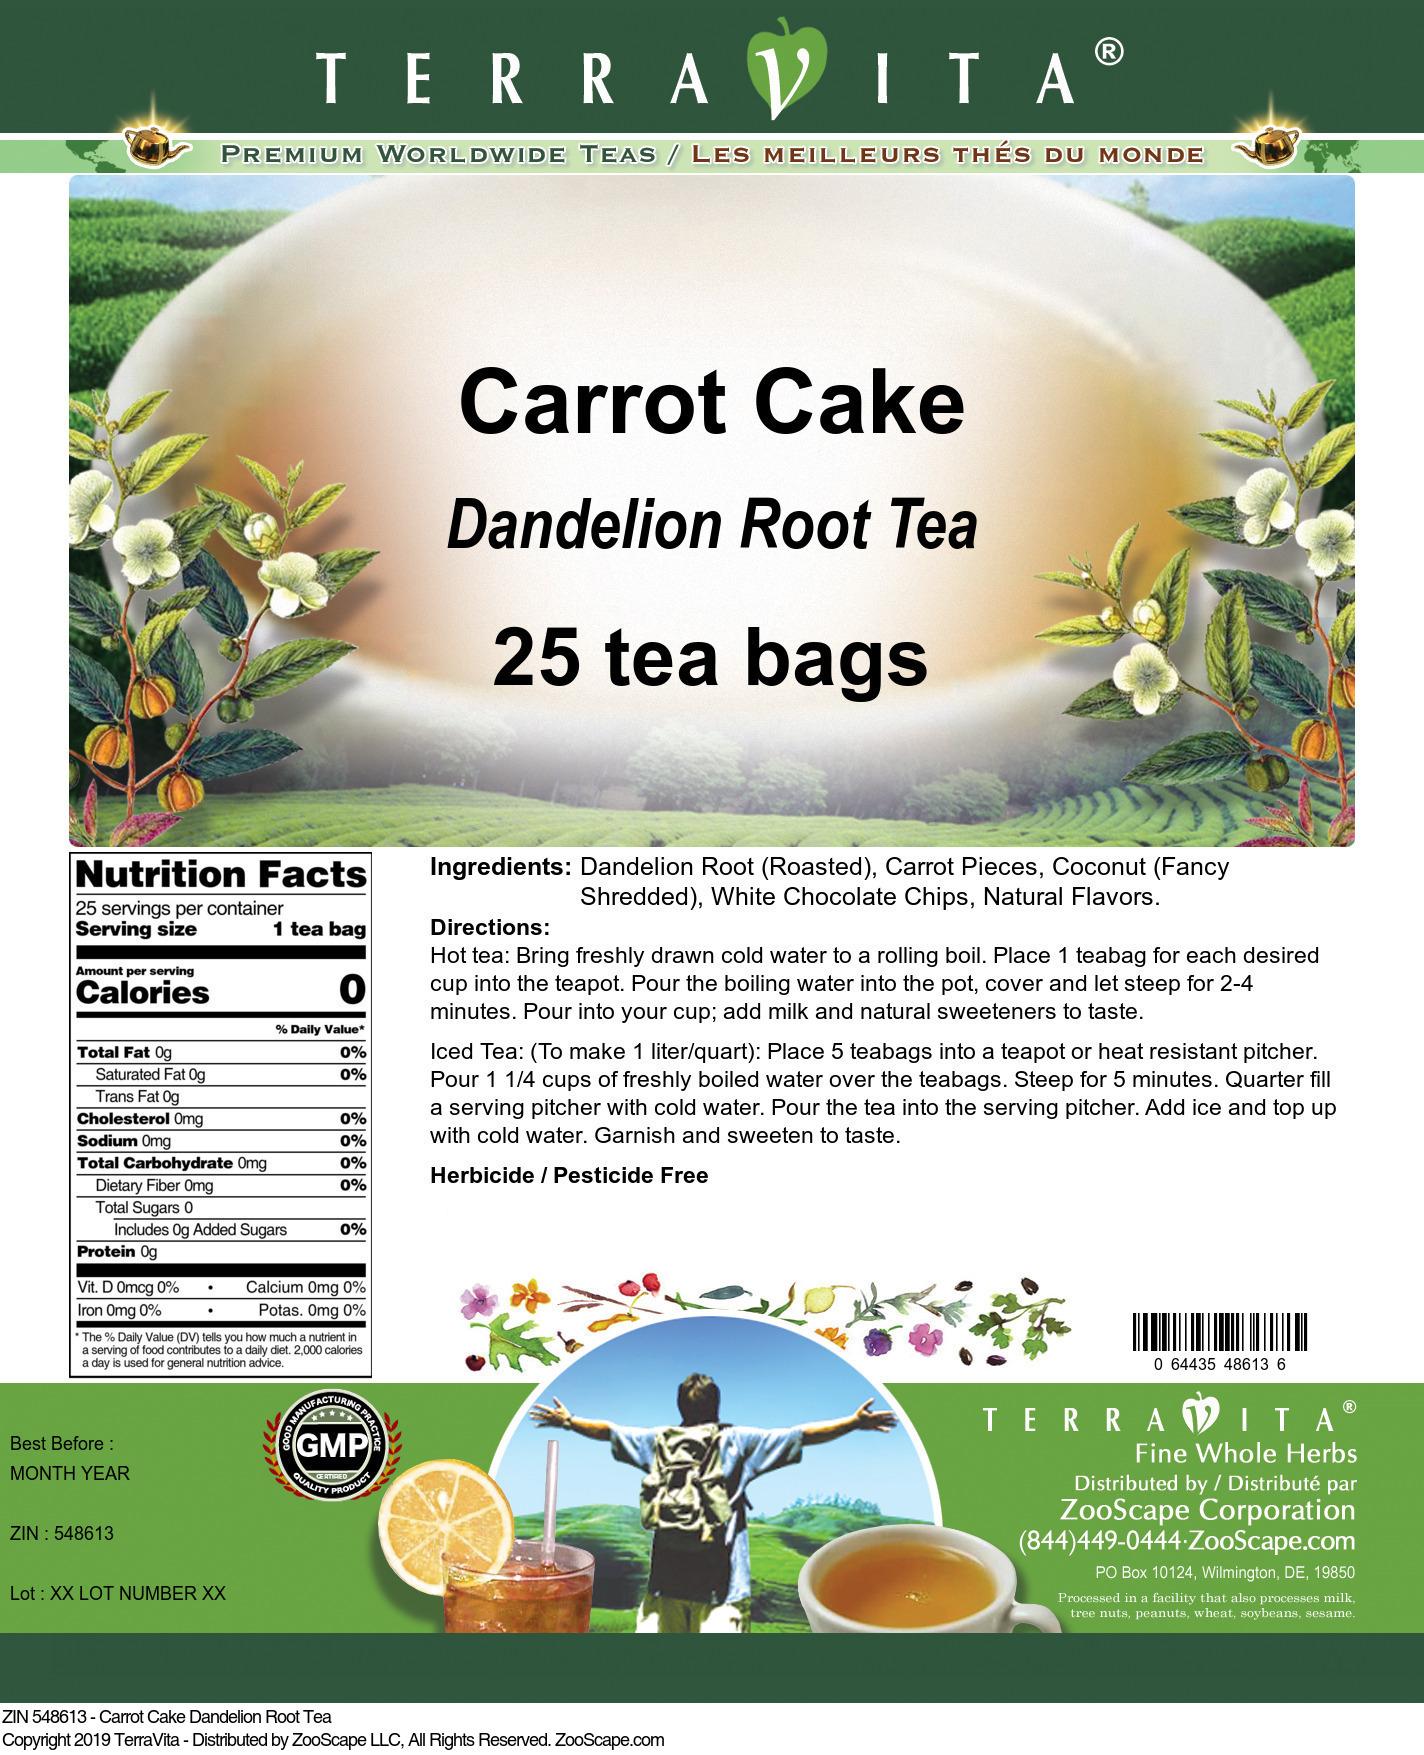 Carrot Cake Dandelion Root